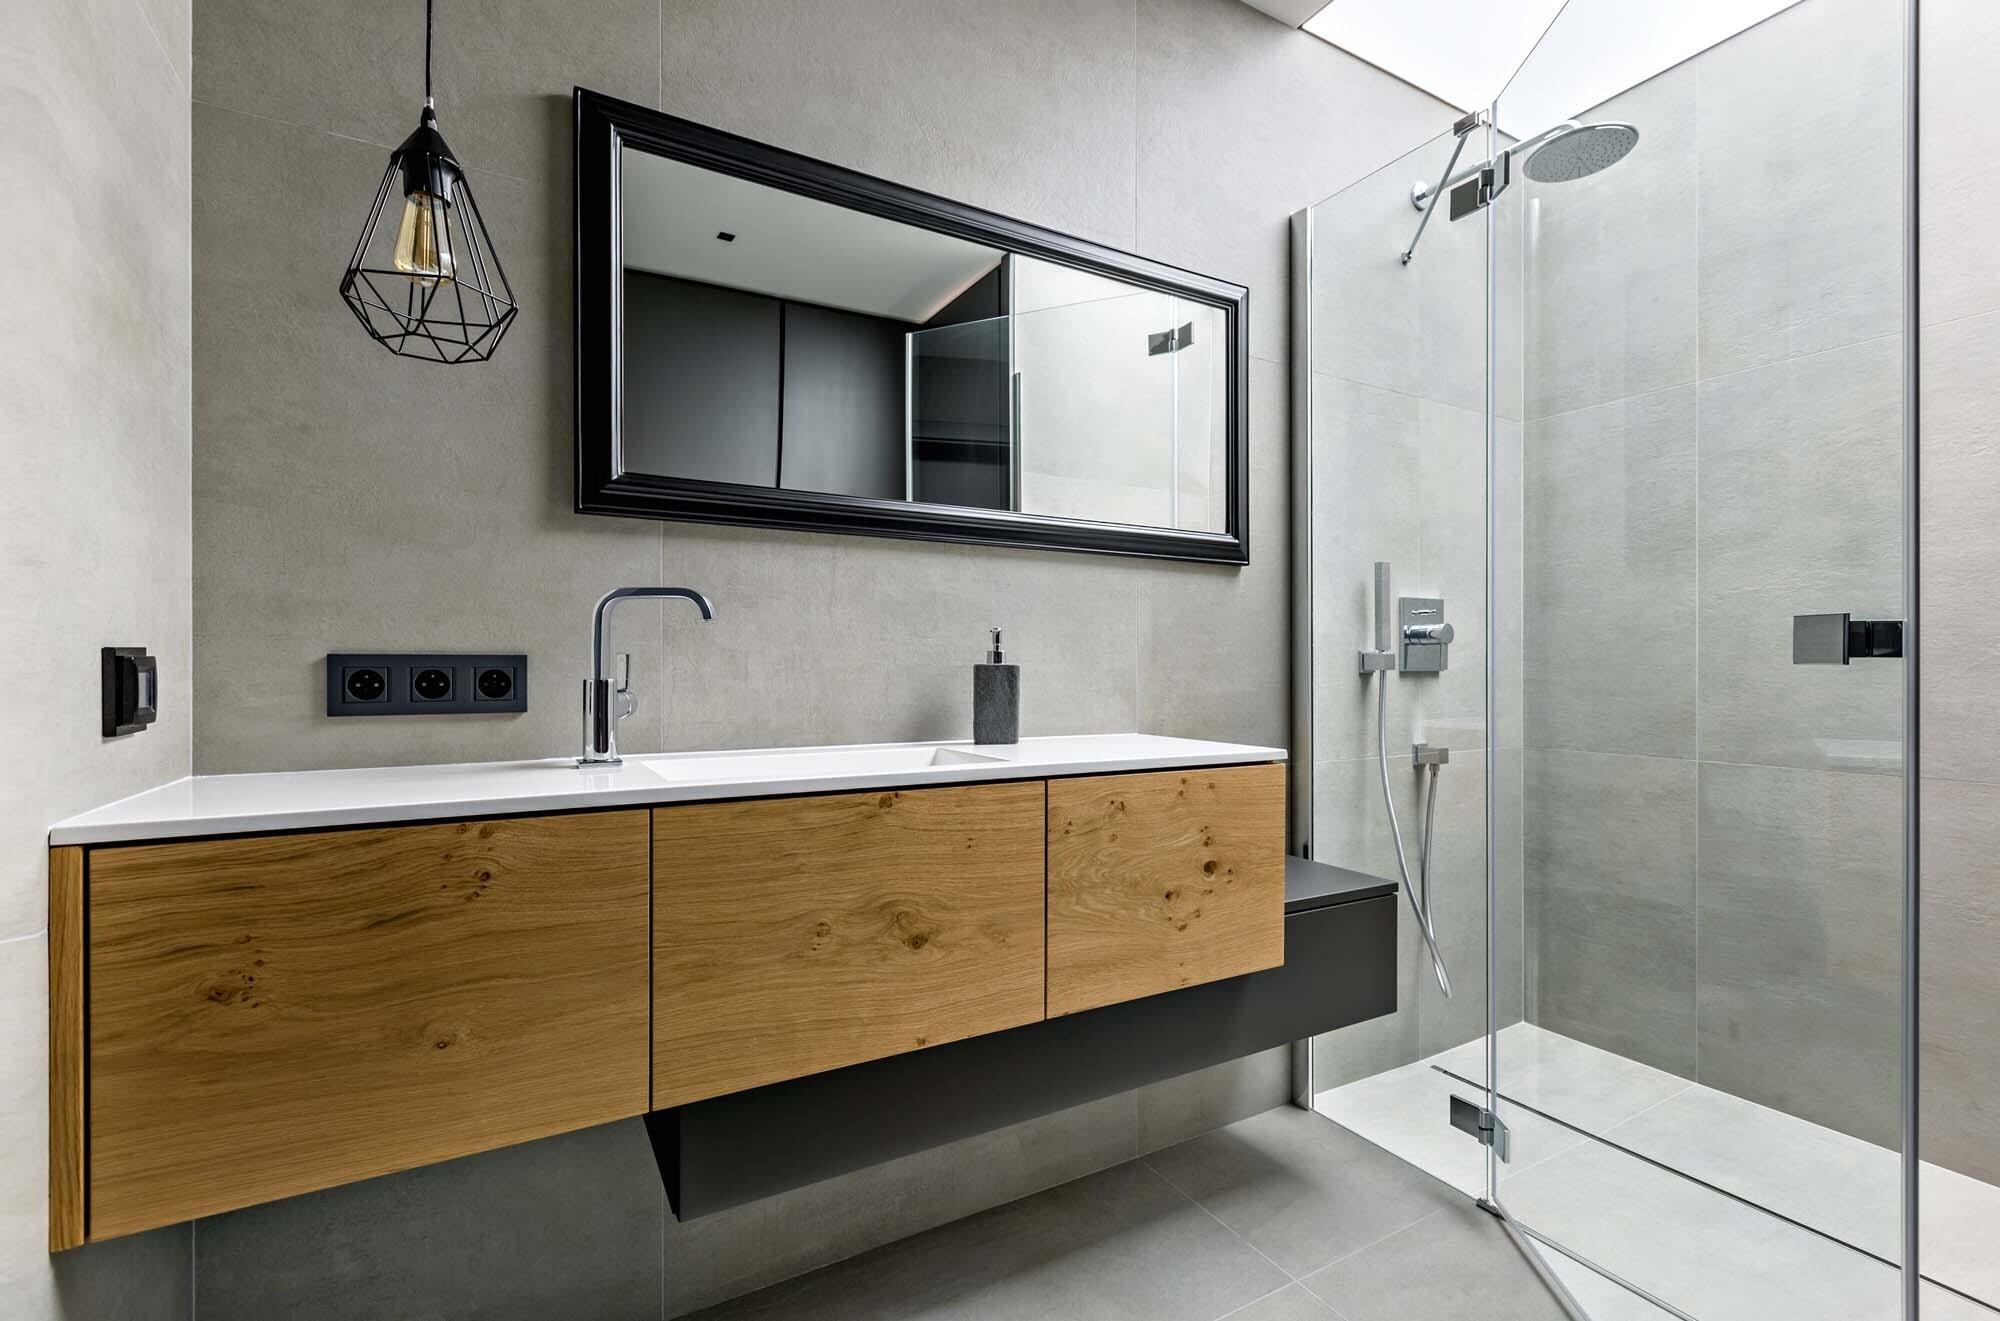 Электробезопасность в ванной: как правильно выбрать УЗО, розетки и выключатели